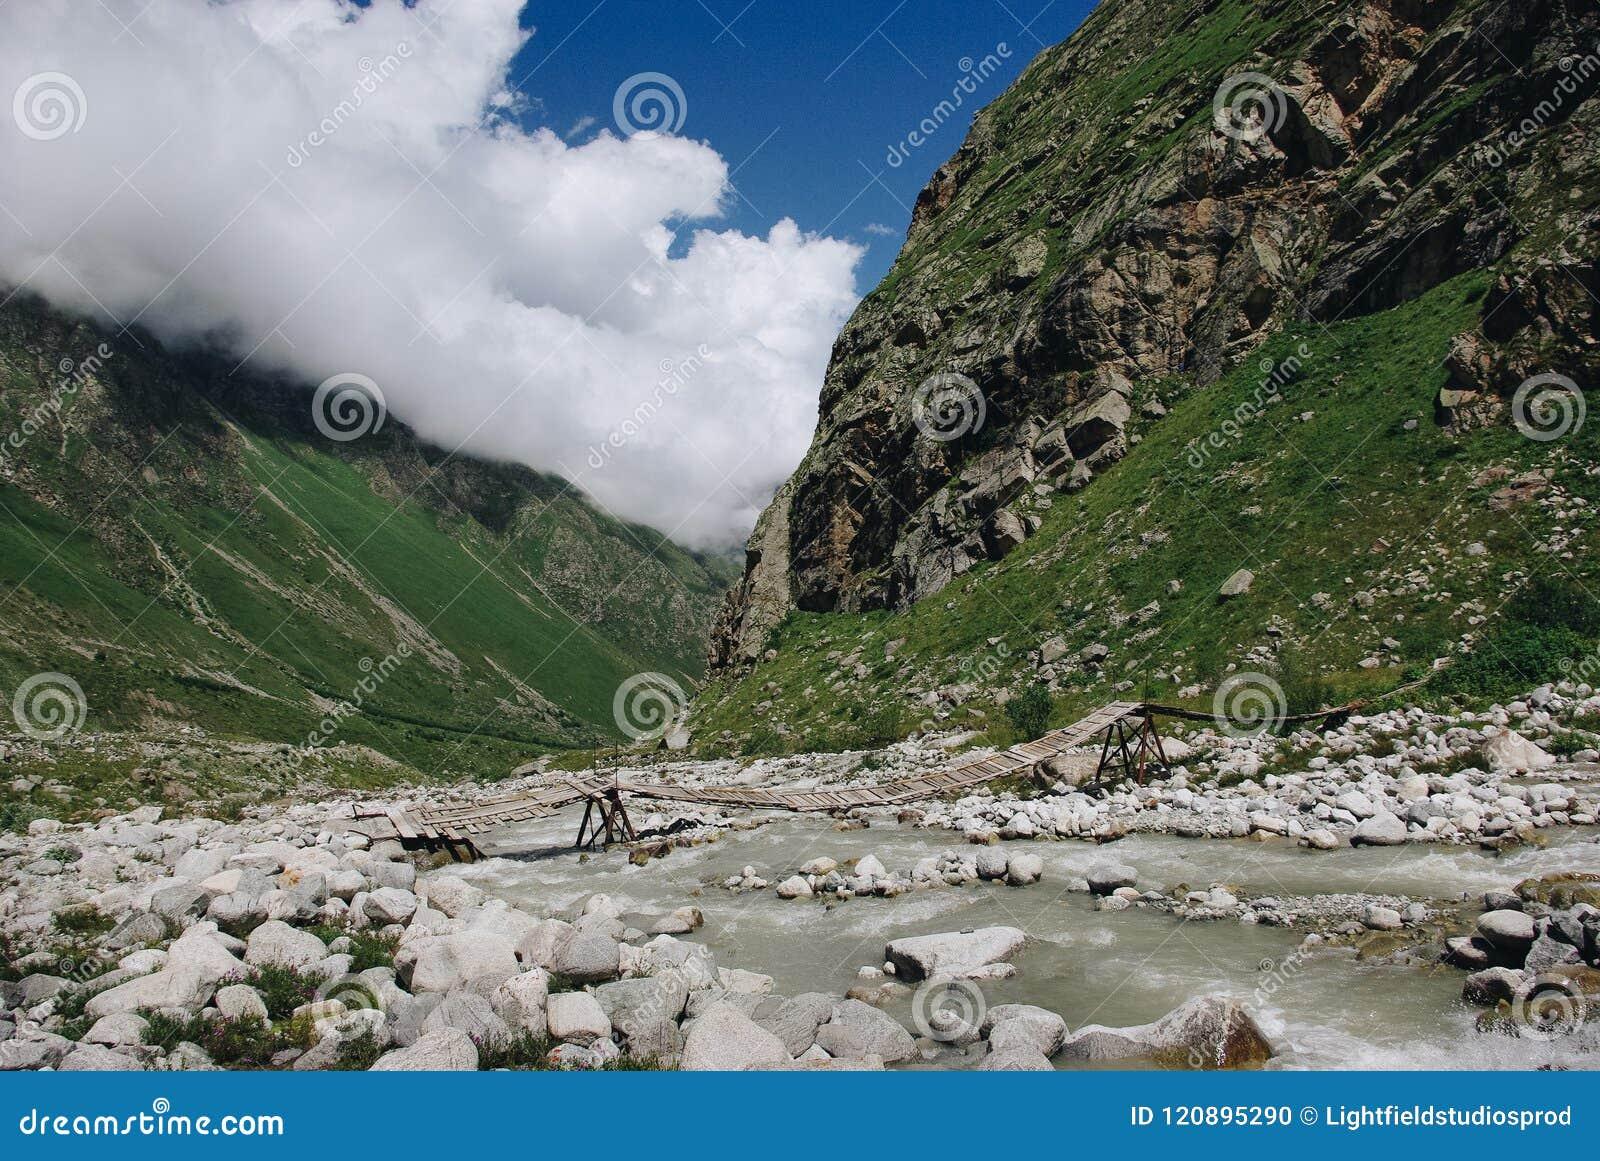 Holzbrücke und Gebirgsfluss, Russische Föderation, Kaukasus,